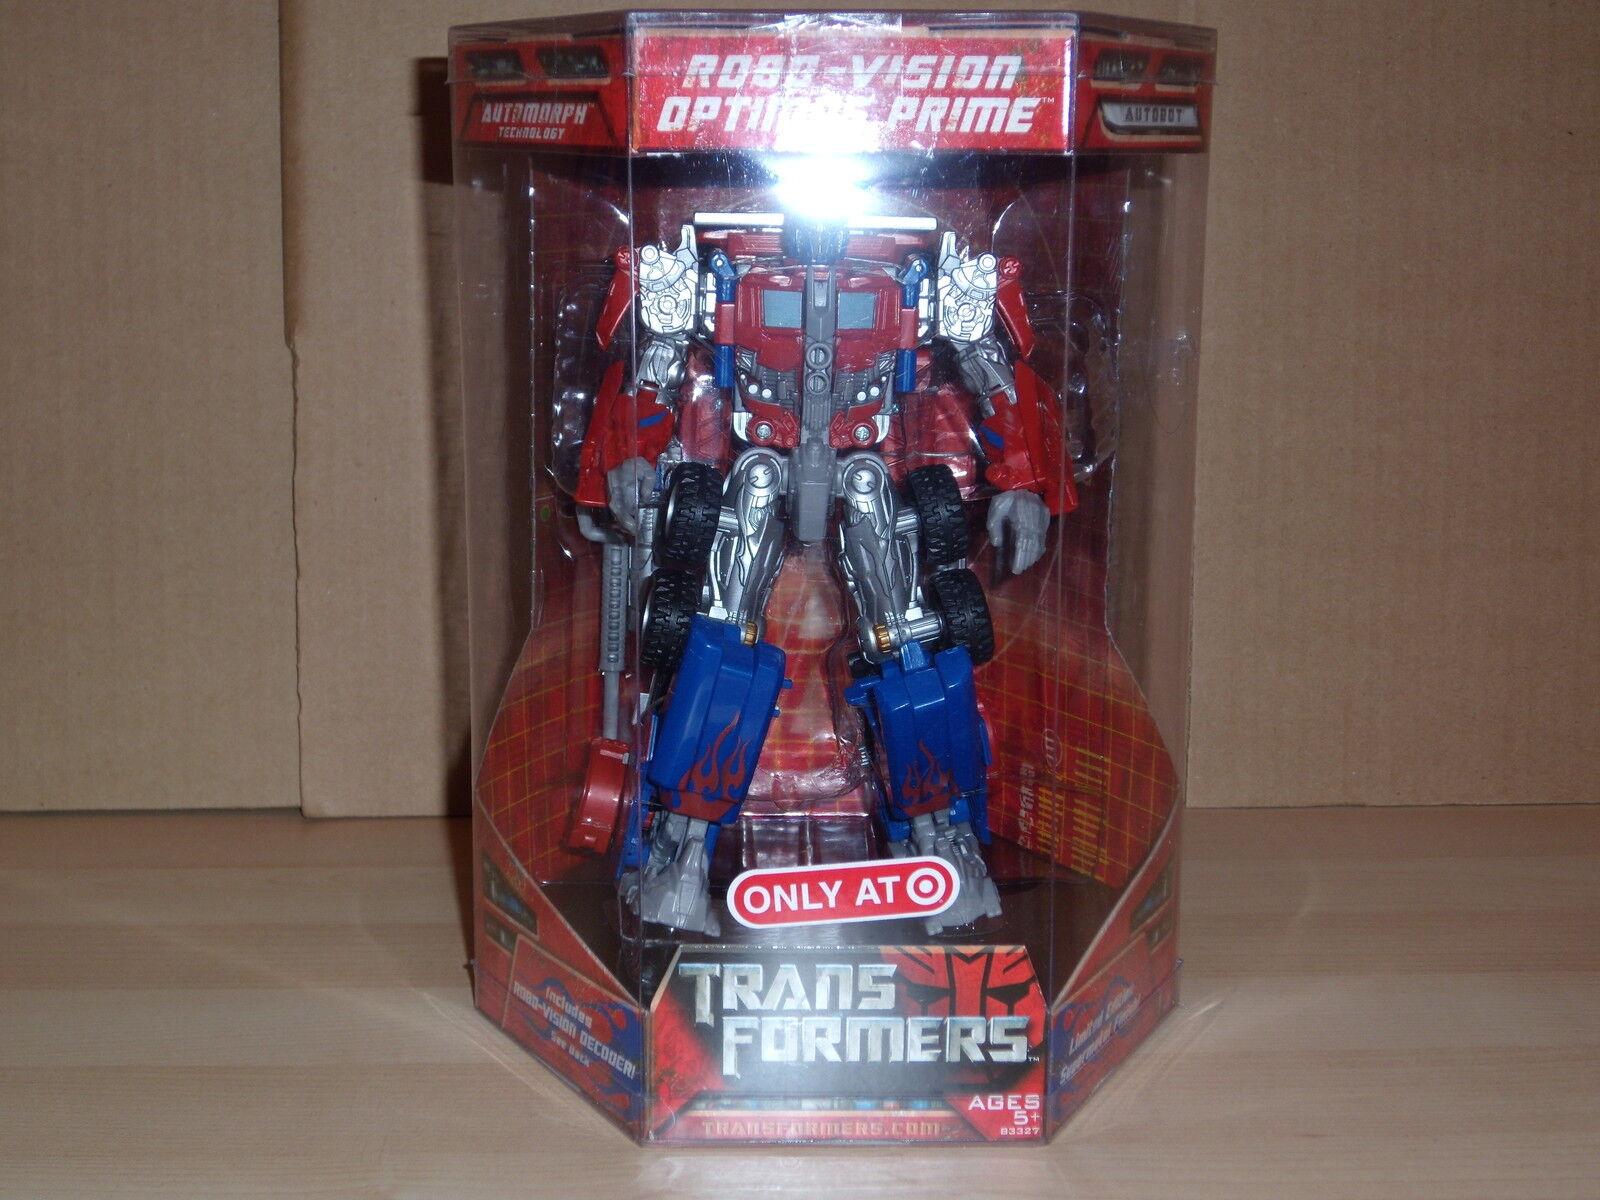 Transformers Robo-Vision Optimus Optimus Optimus Prime Target Exclusive Movie 2007 af0159